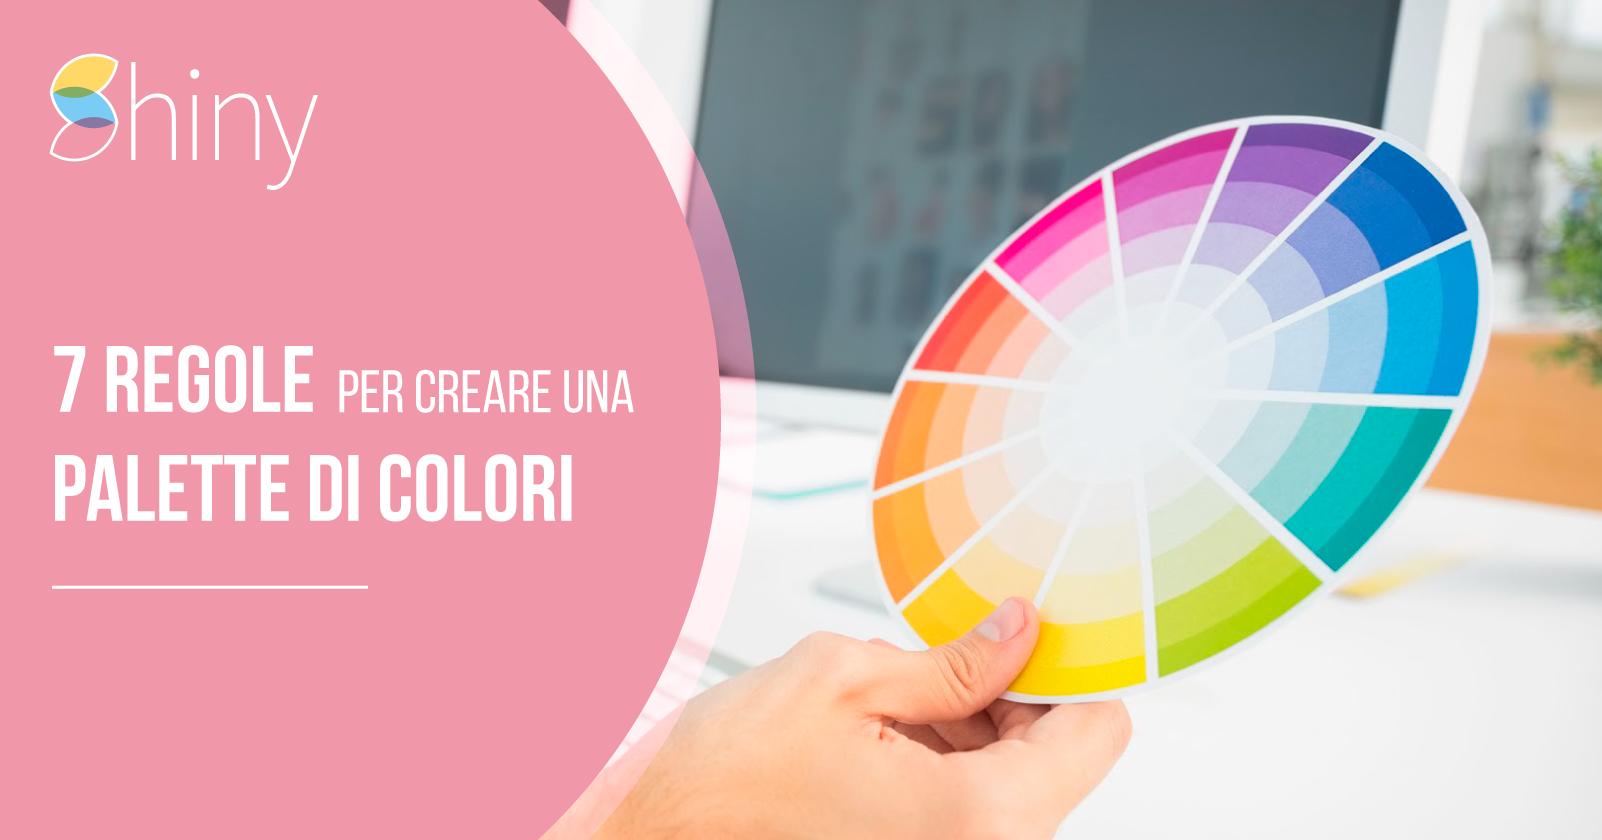 7 regole per creare una palette di colori